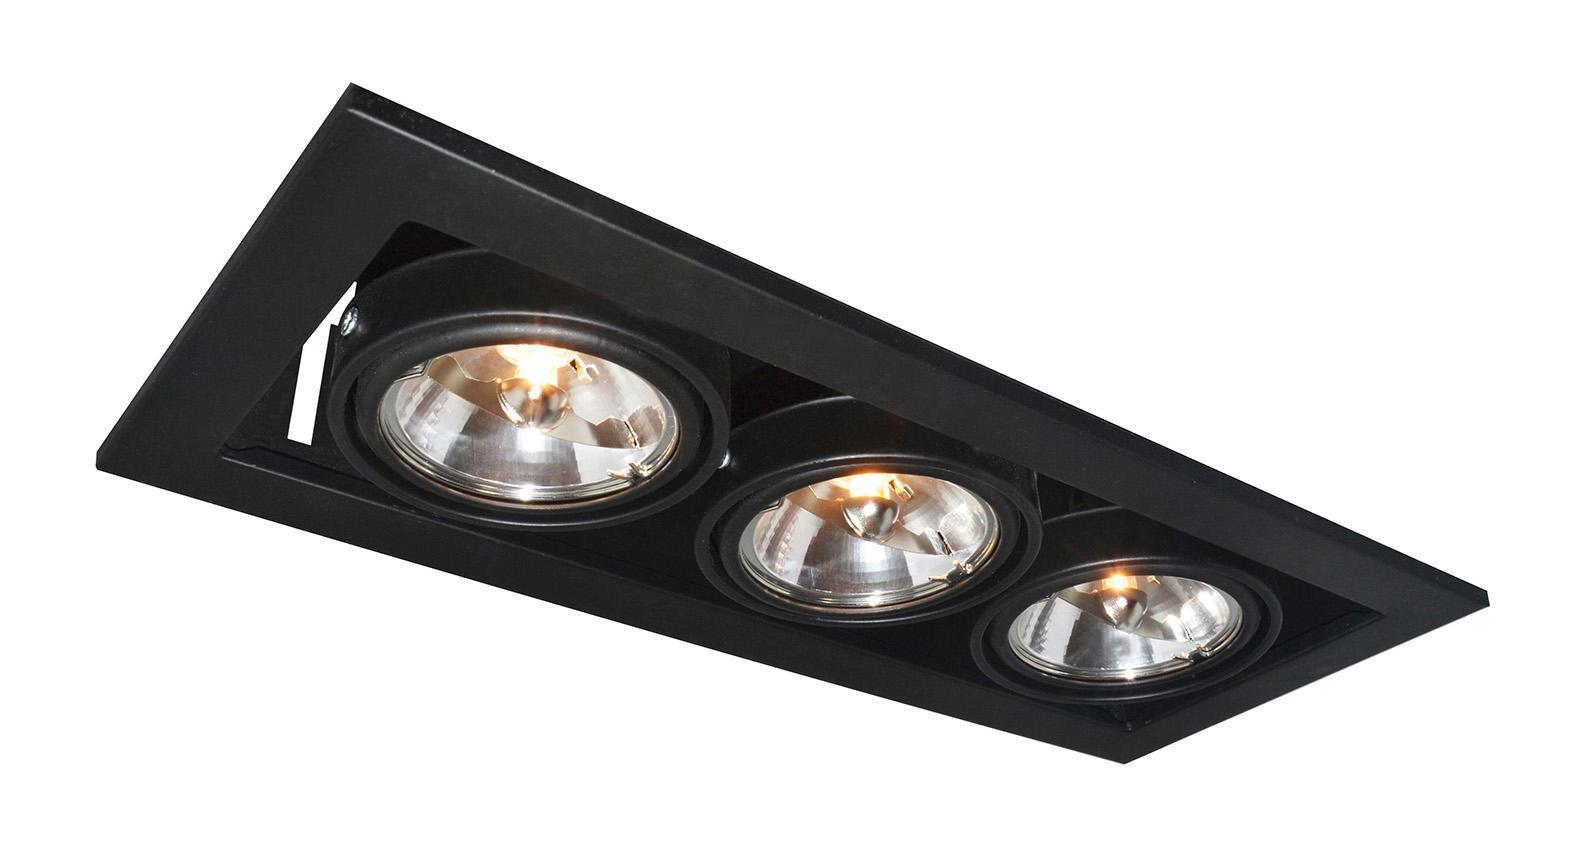 Купить Светильник встраиваемый Arte lamp A5930pl-3bk